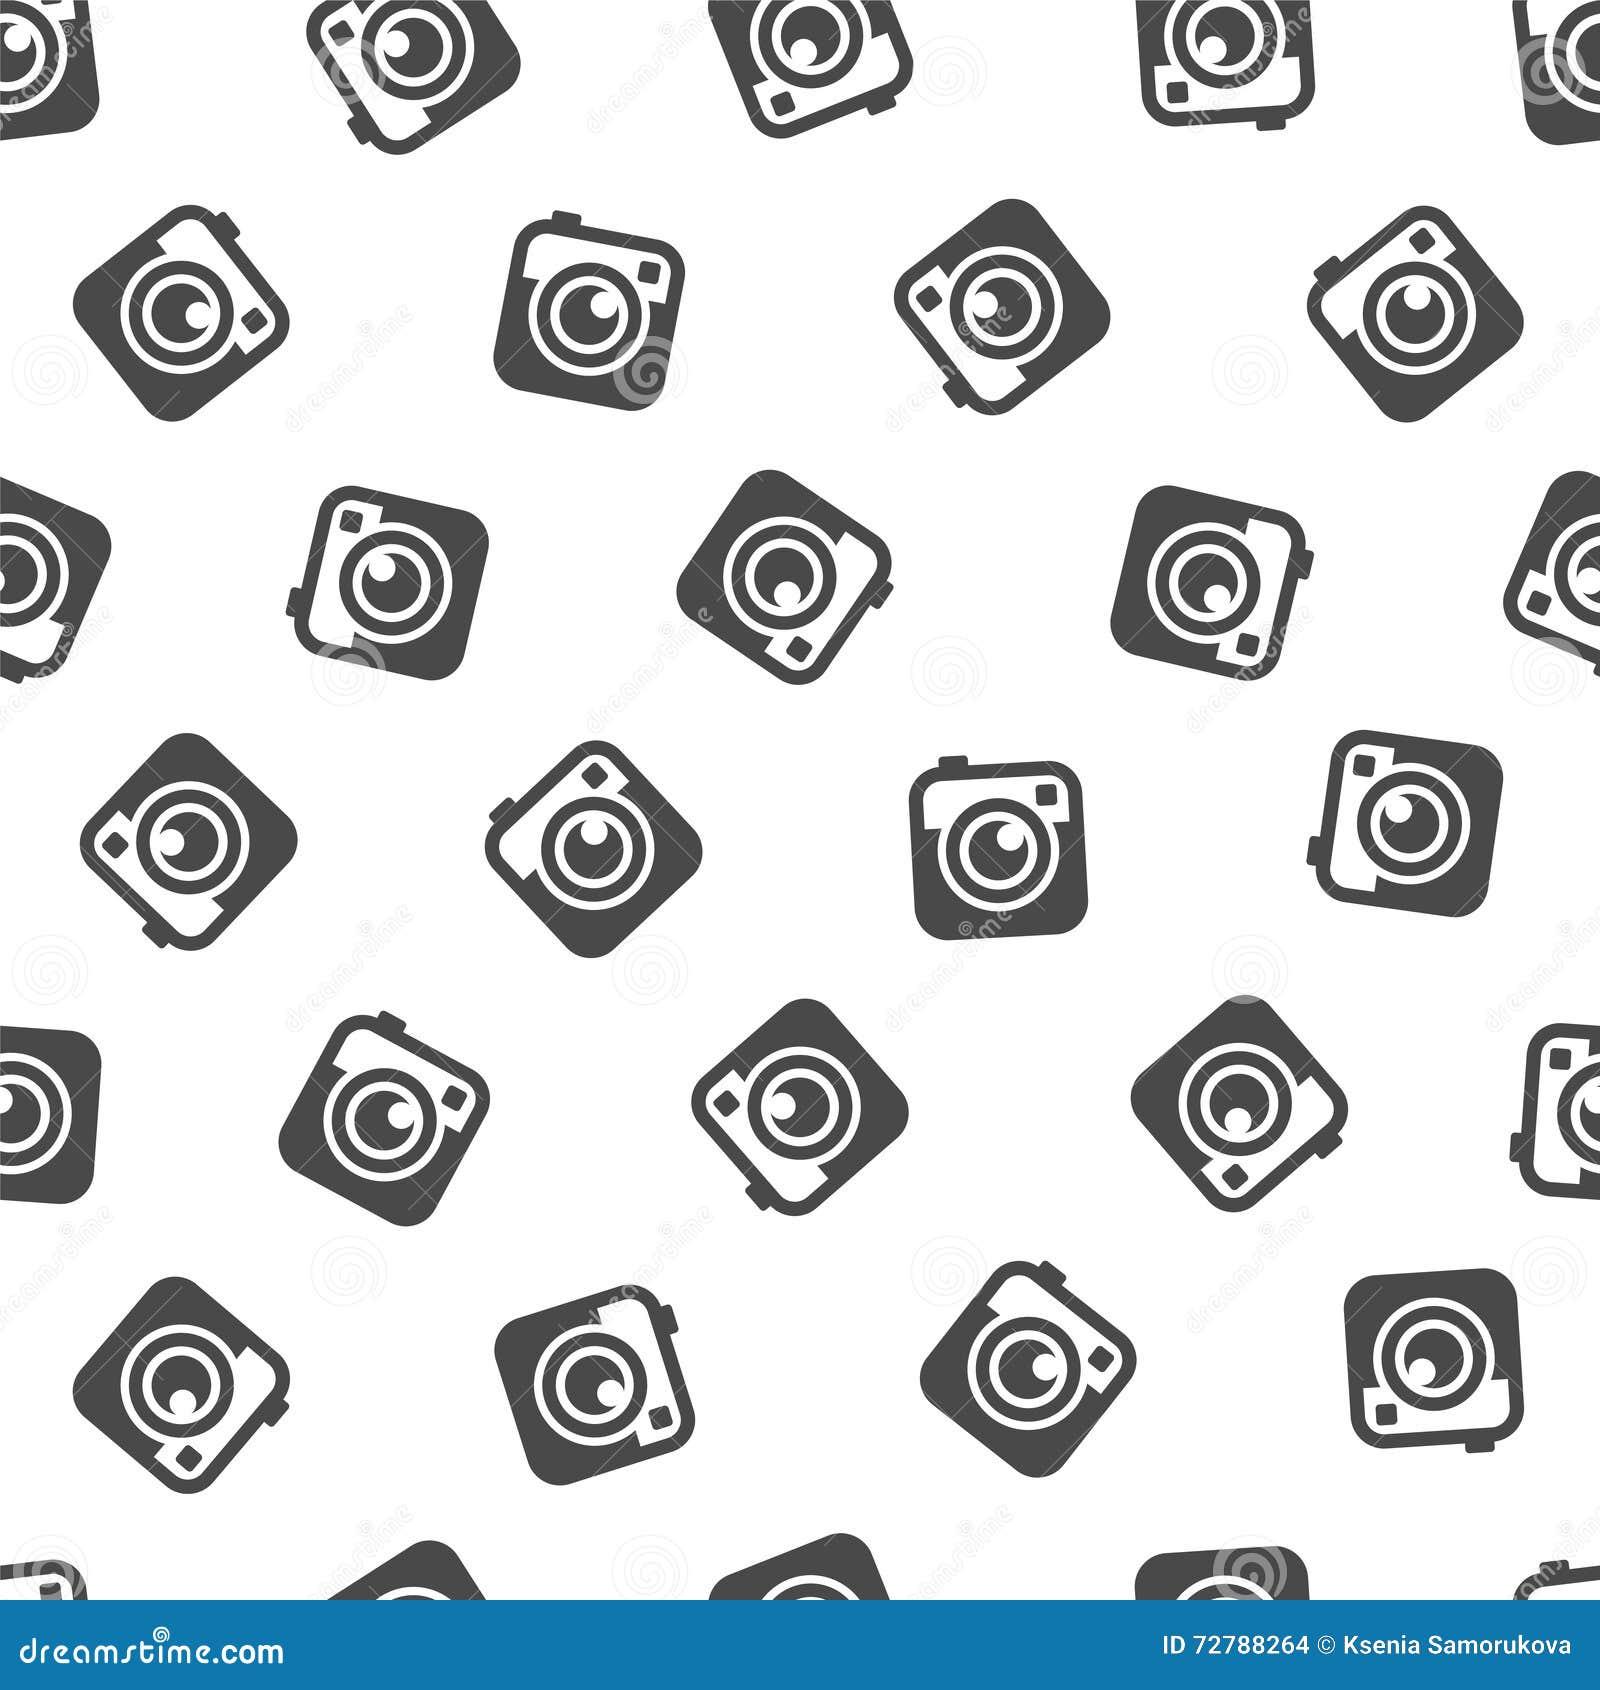 Seamless pattern horseshoe good luck symbol stock vector seamless pattern horseshoe good luck symbol biocorpaavc Choice Image